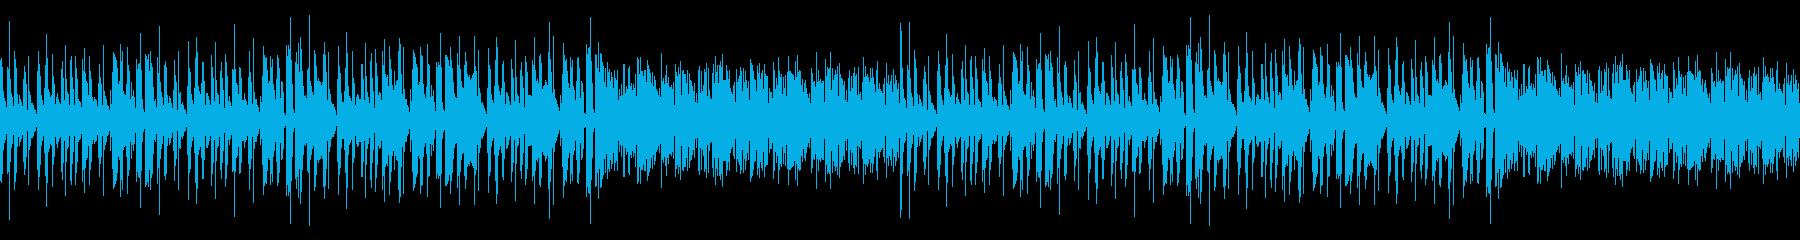 おしゃれYouTube・穏やか温かい日常の再生済みの波形